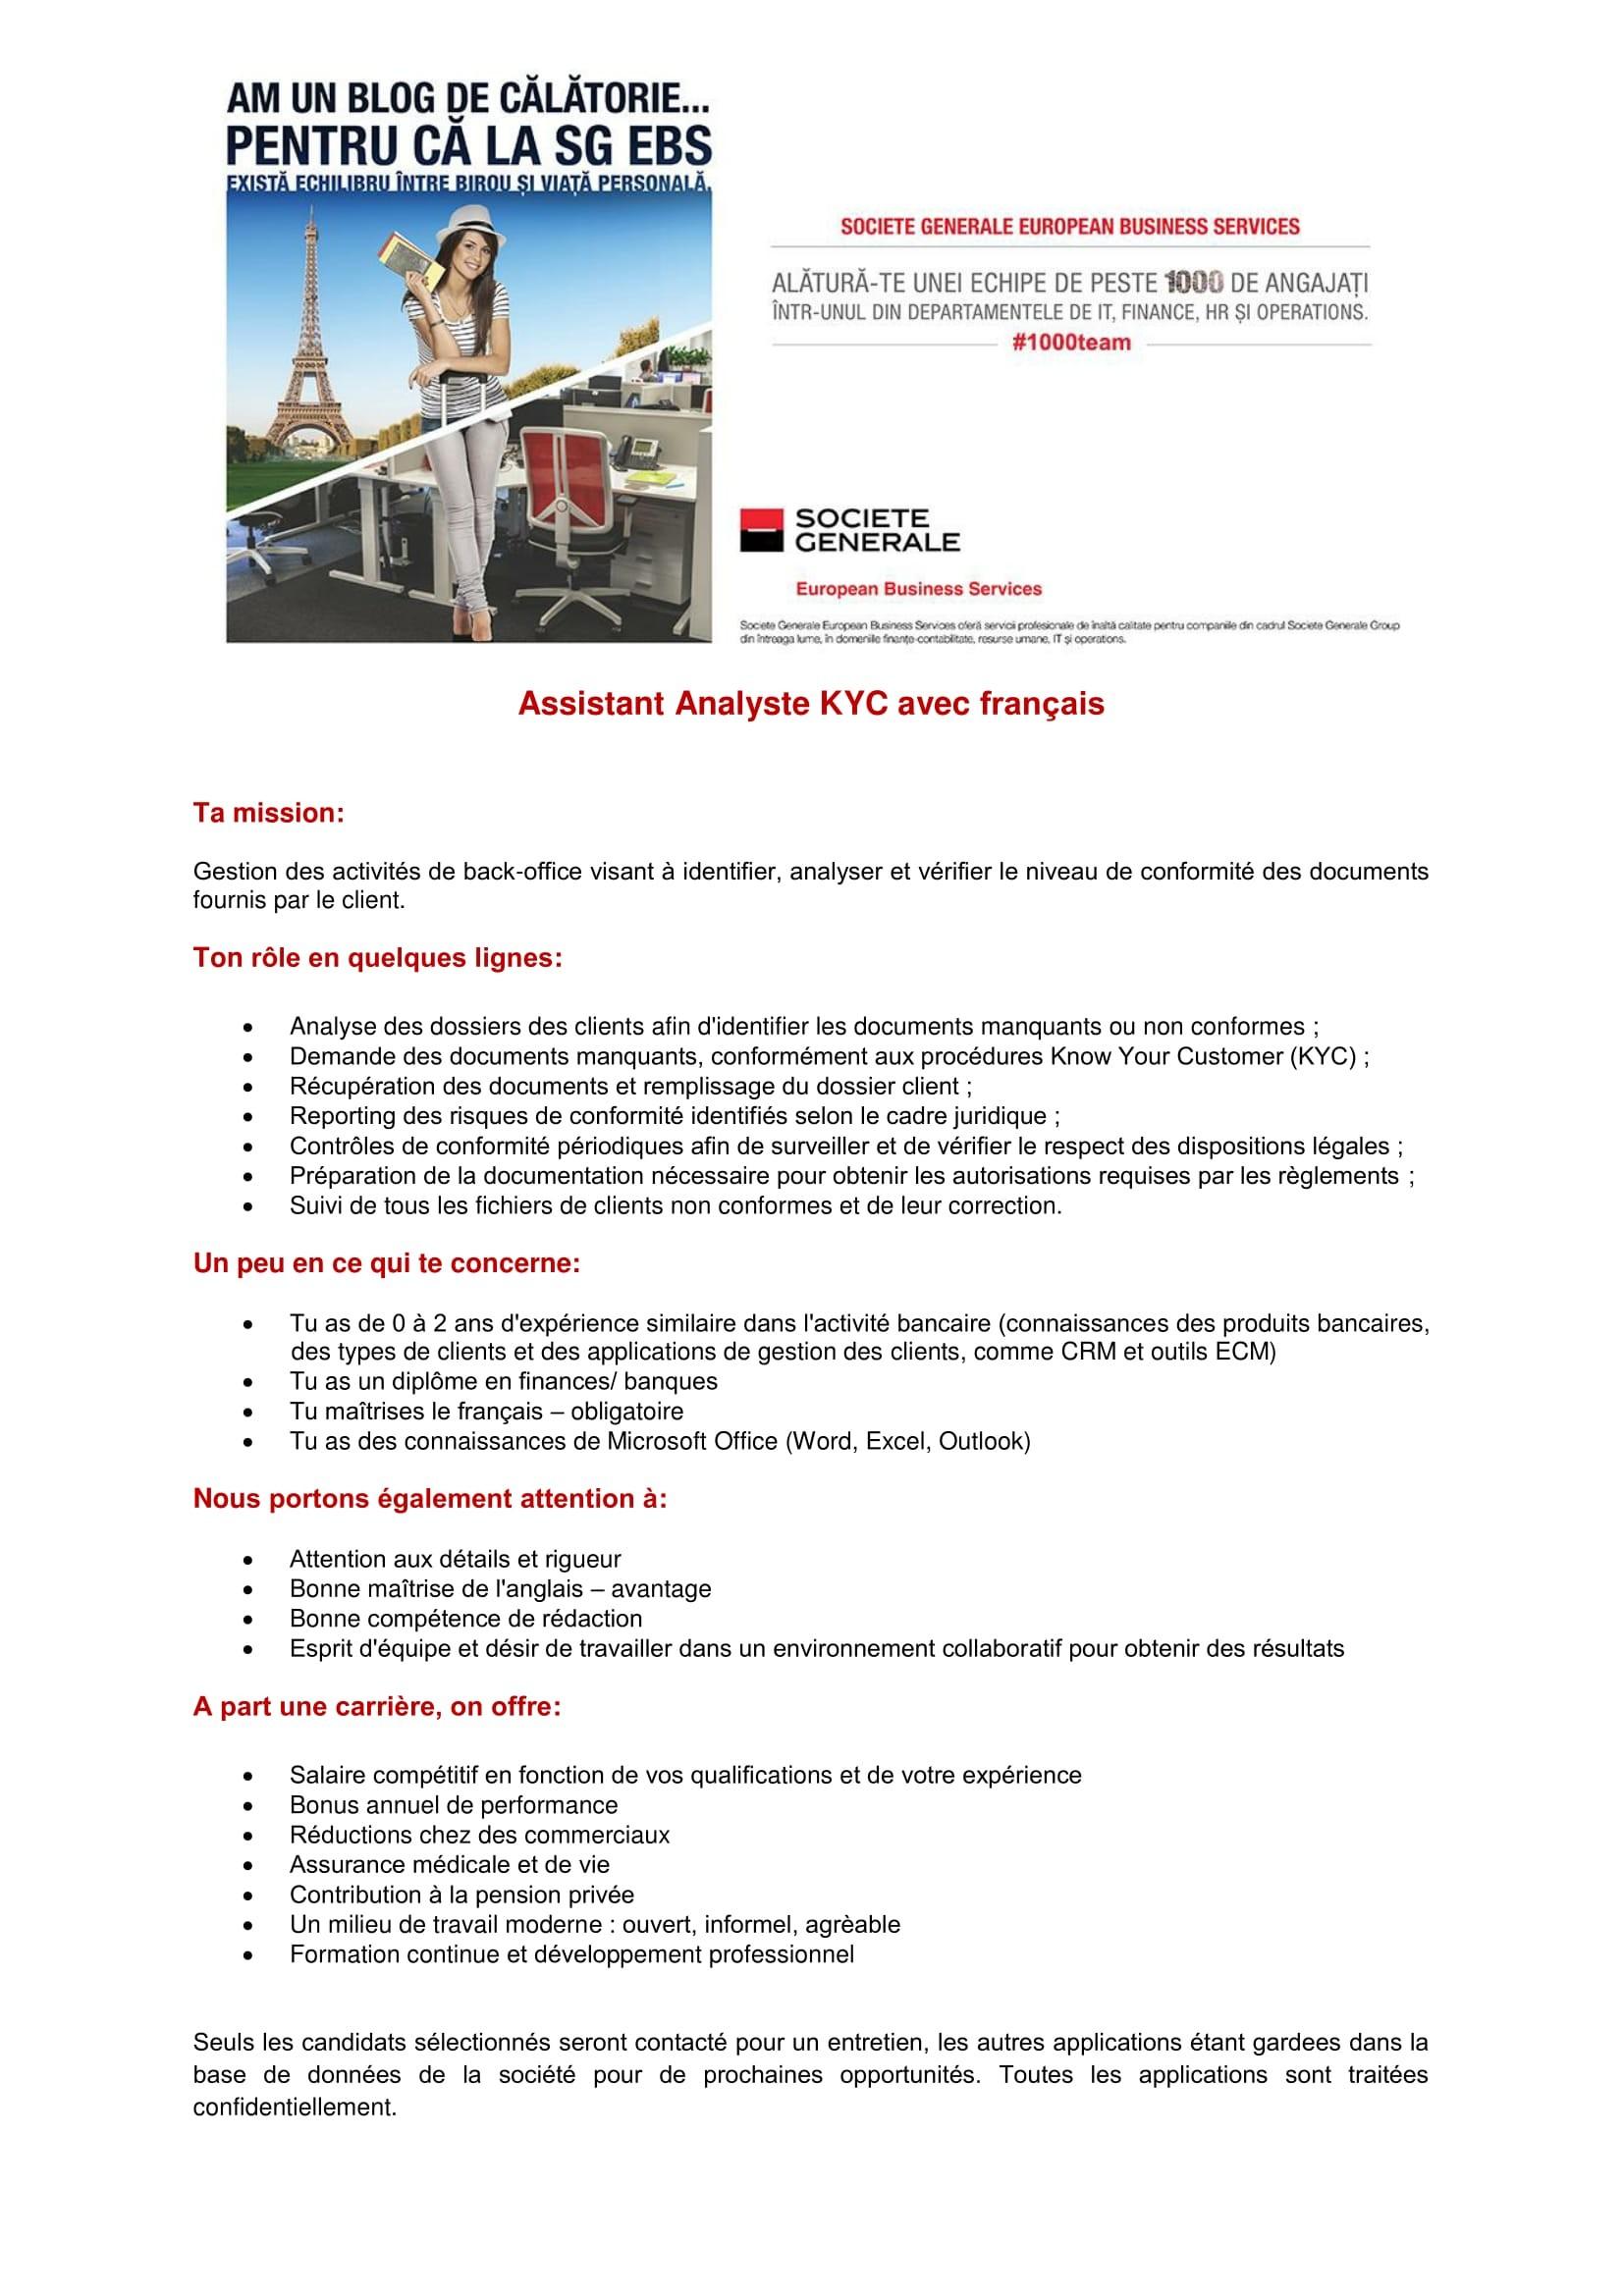 Assistant Analyste KYC avec français - site-uri de recrutare-1